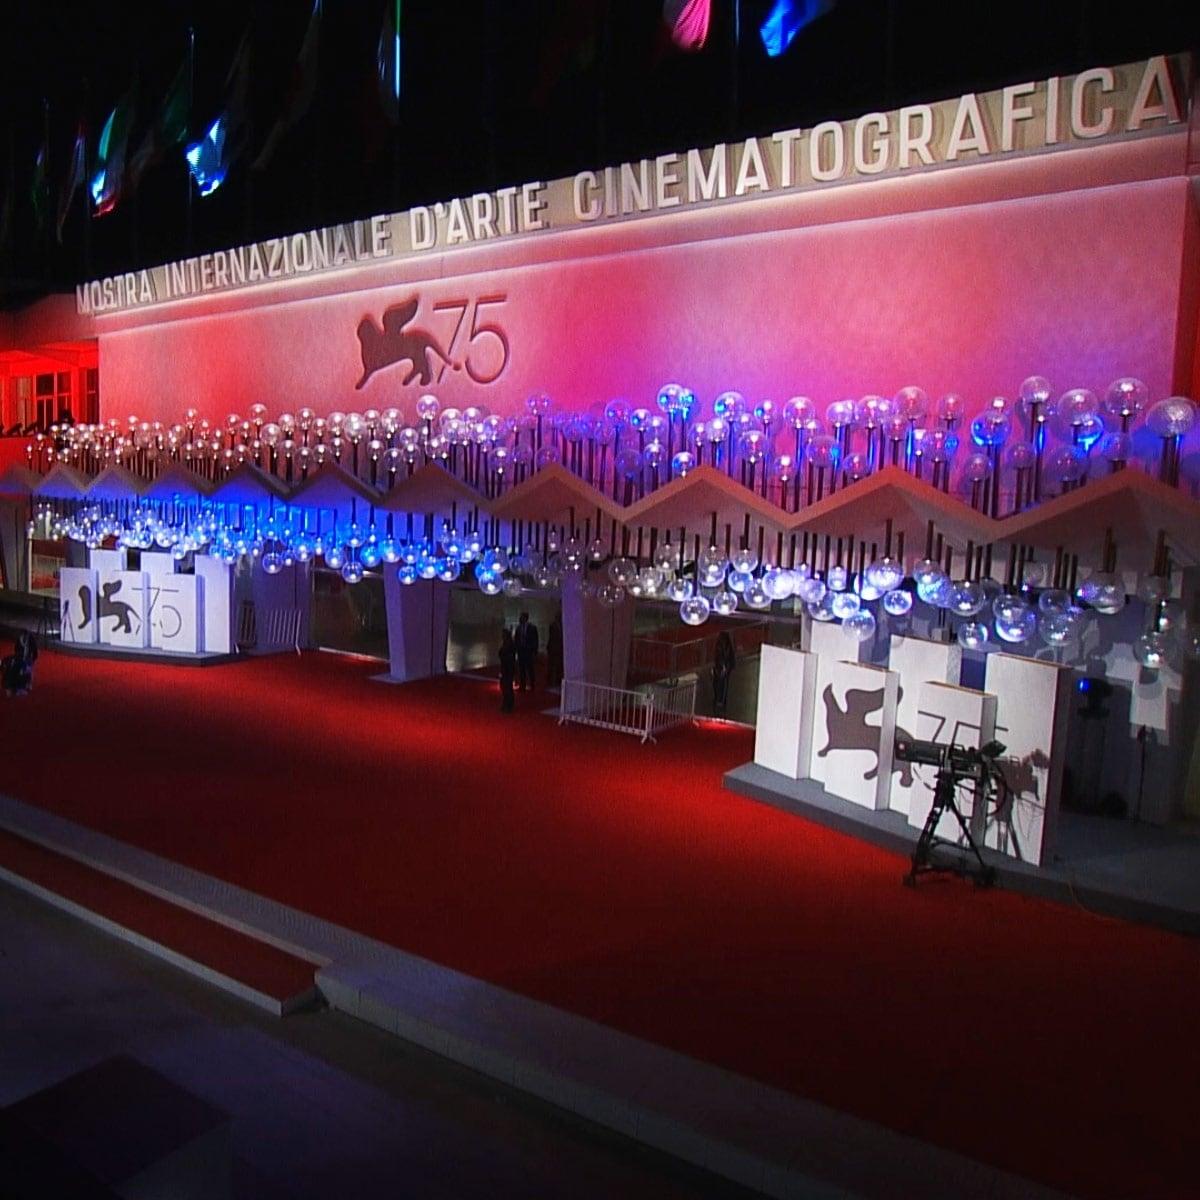 Jaeger-LeCoultre sponsors the 76th Venice International Film Festival